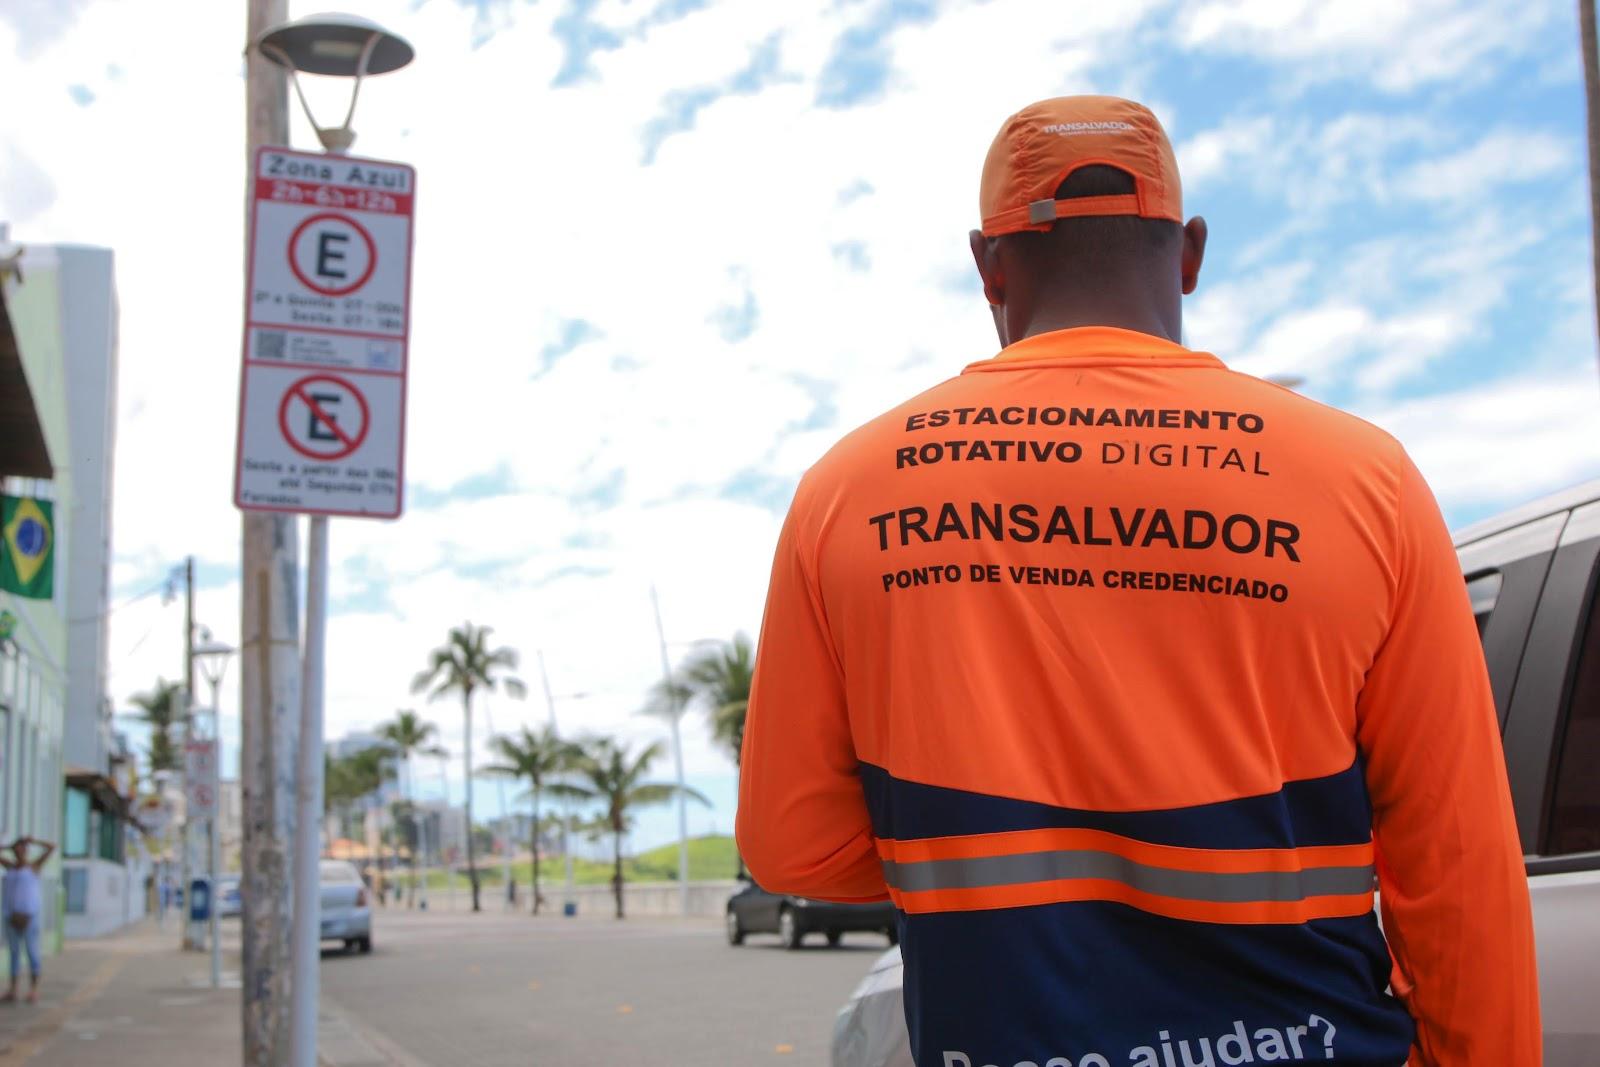 Zona Azul facilita o acesso a vagas de estacionamentos em vias públicas. (Fonte: Transalvador)